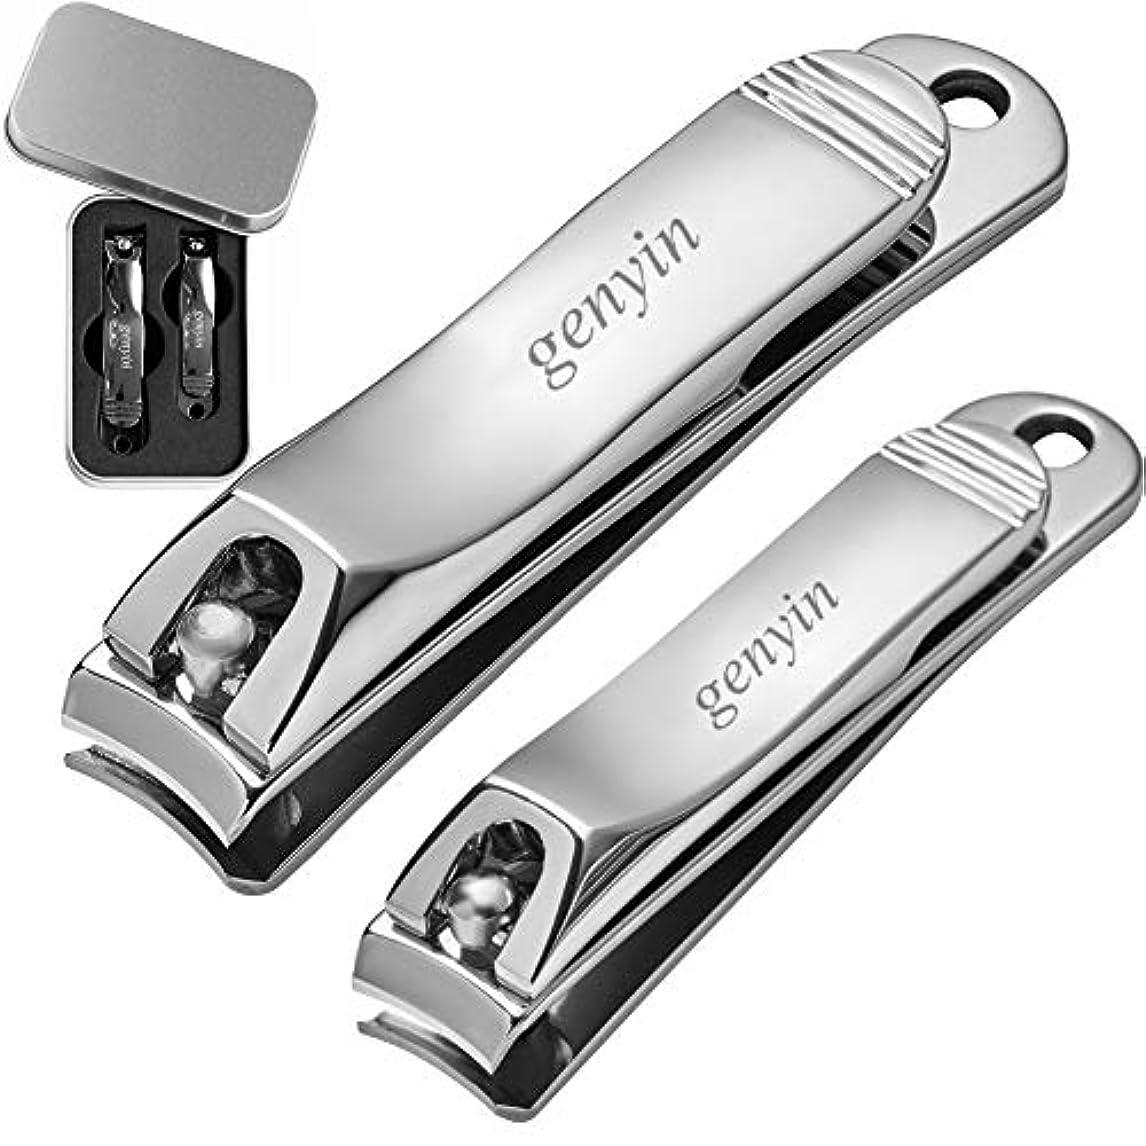 例外他の場所収束genyin 爪切り つめきり ツメキリ 爪やすり 高級ステンレス鋼製 収納ケース付き 2本セット